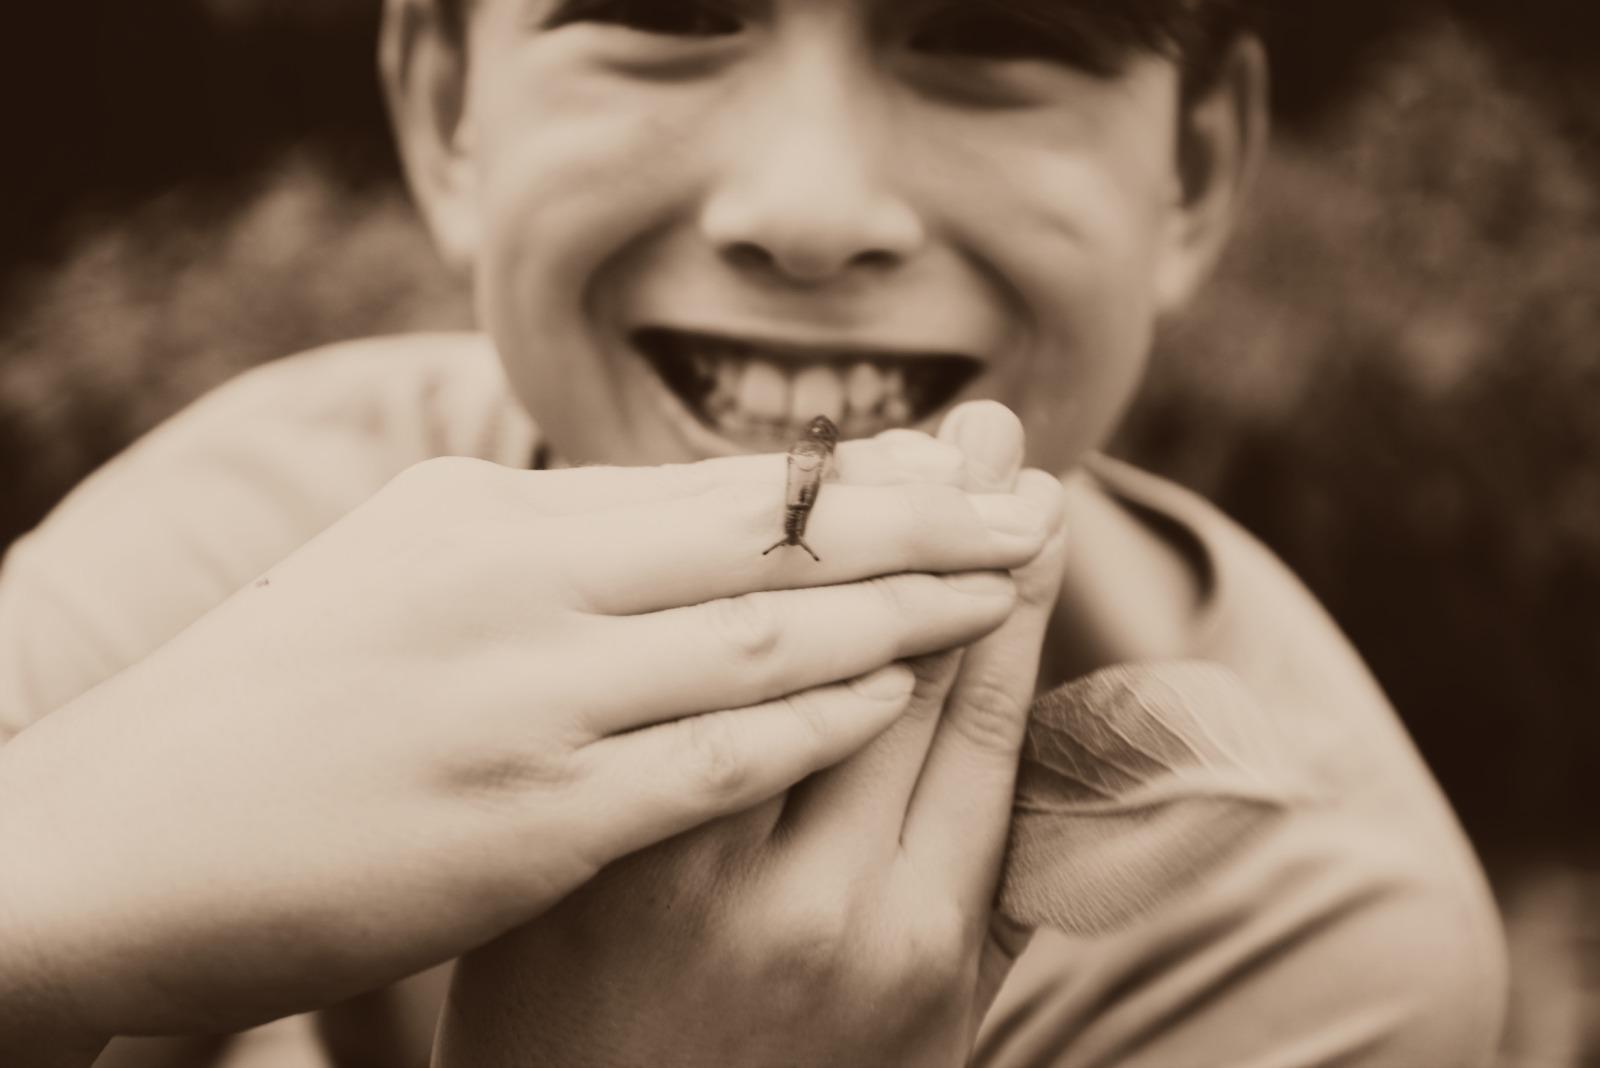 Boy with a snail slug